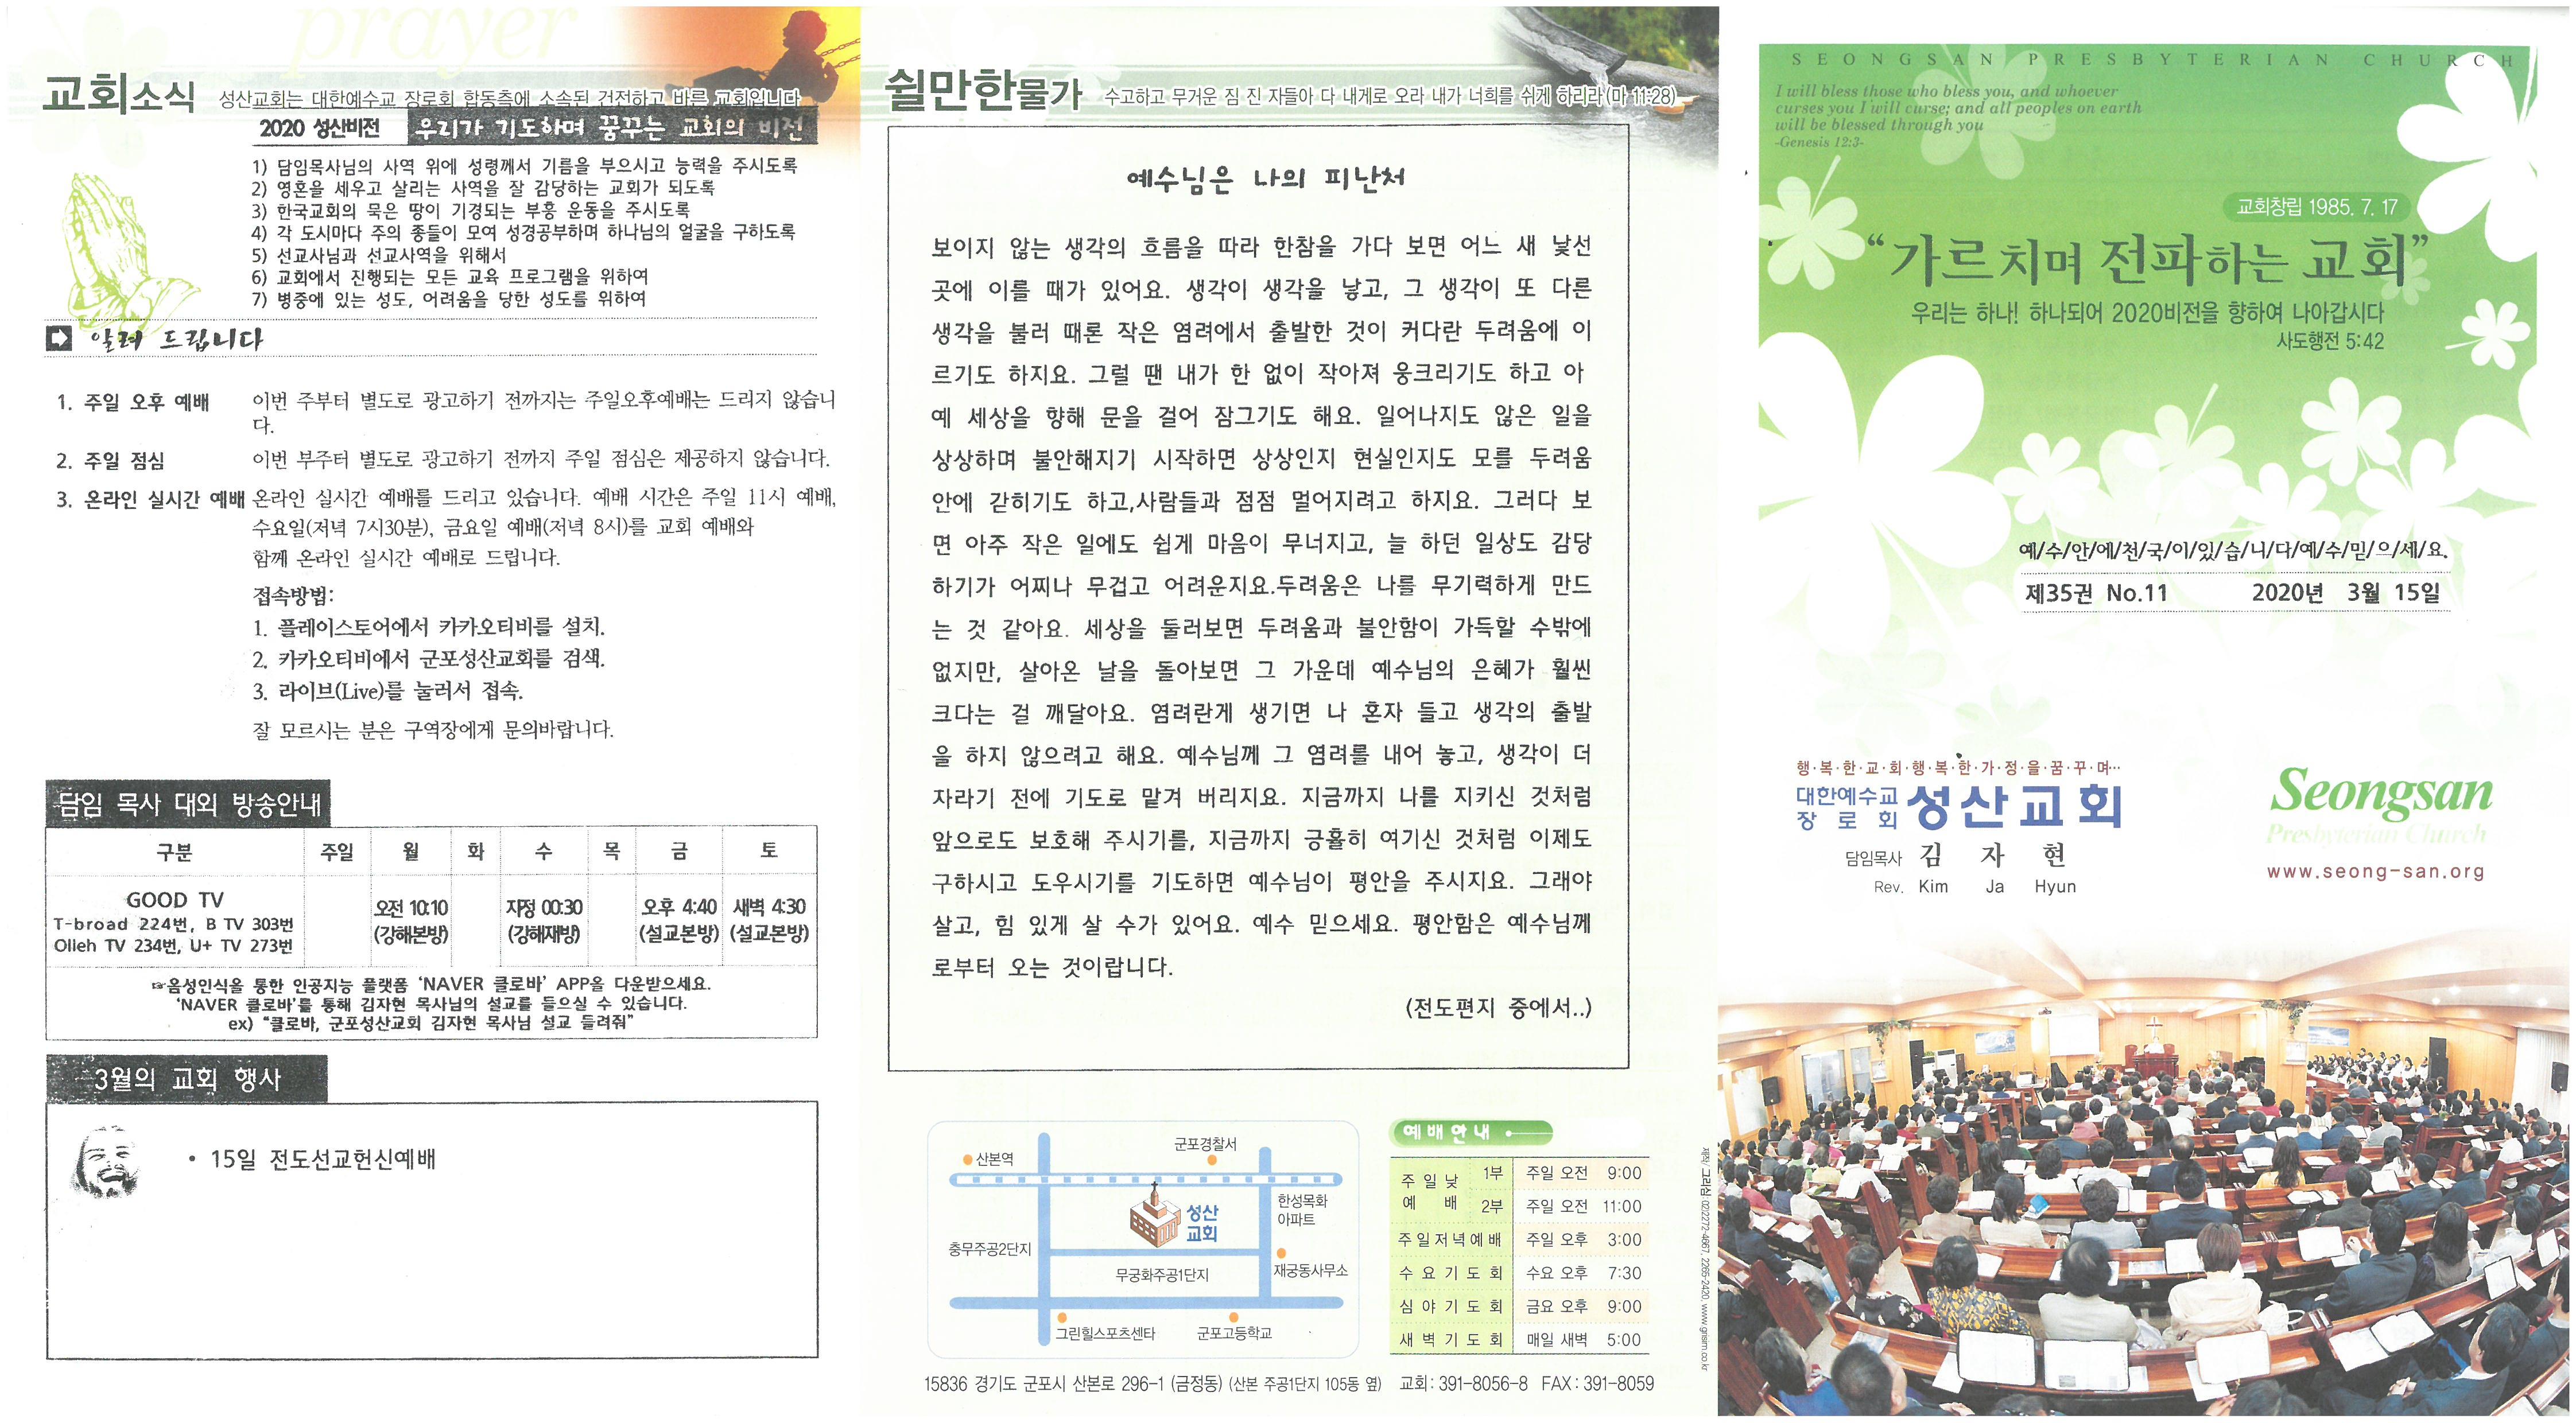 S22C-6e20031413250_0001.jpg